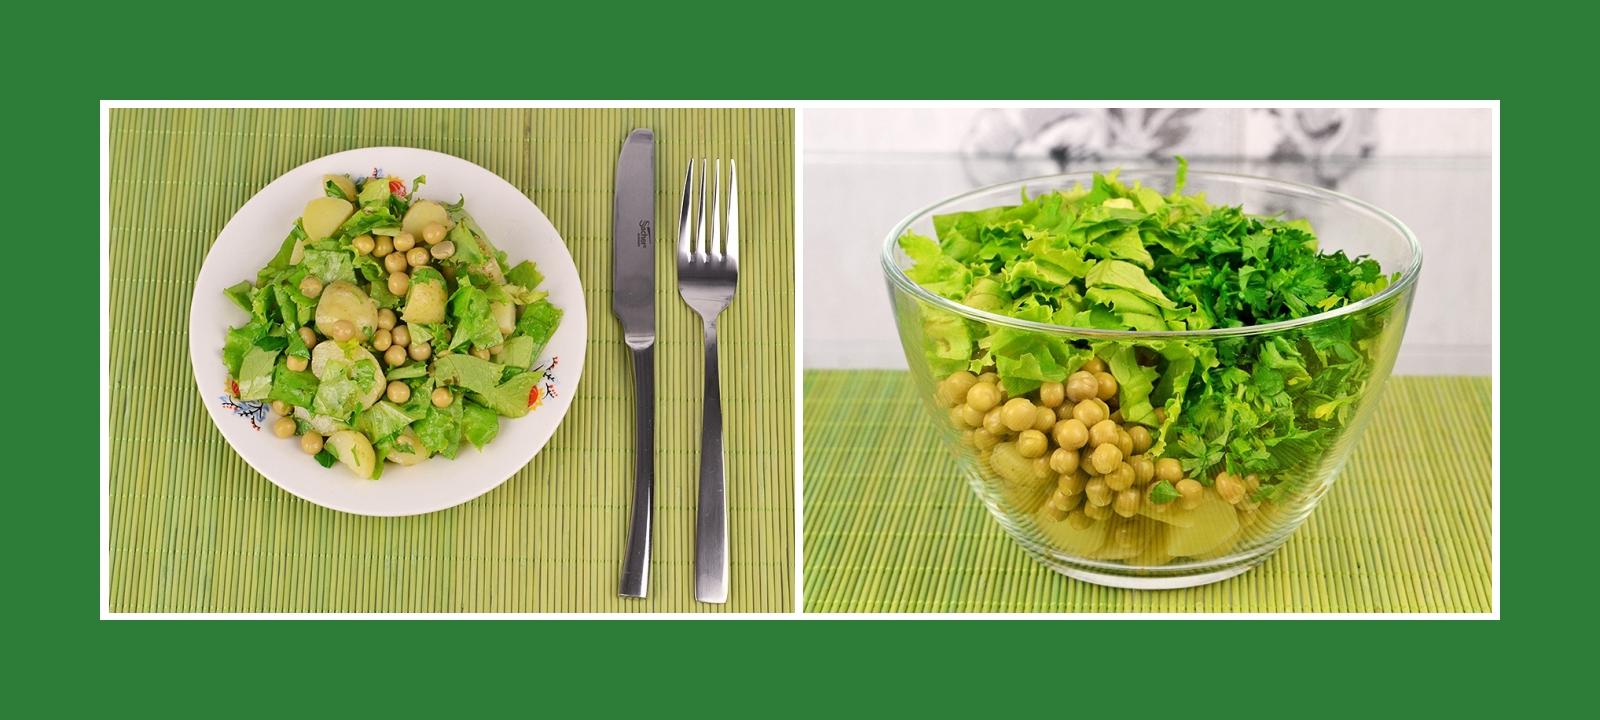 Kartoffelsalat mit pikanter Petersilie, Erbsen und erfrischenden Salatblättern